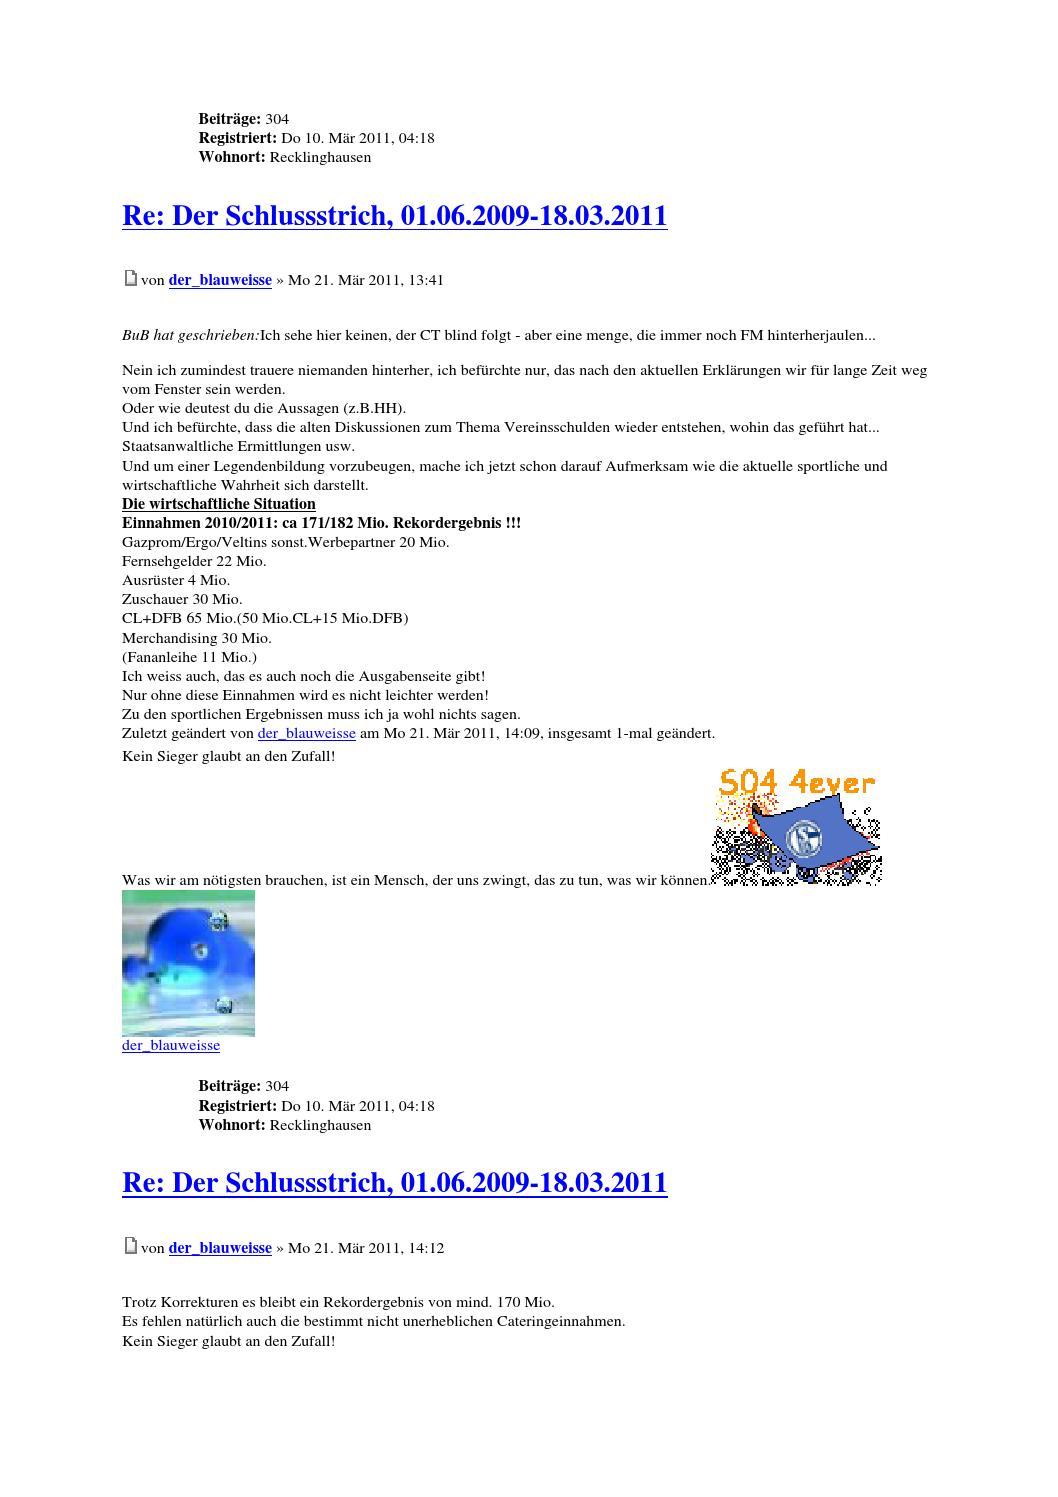 schalker block 5